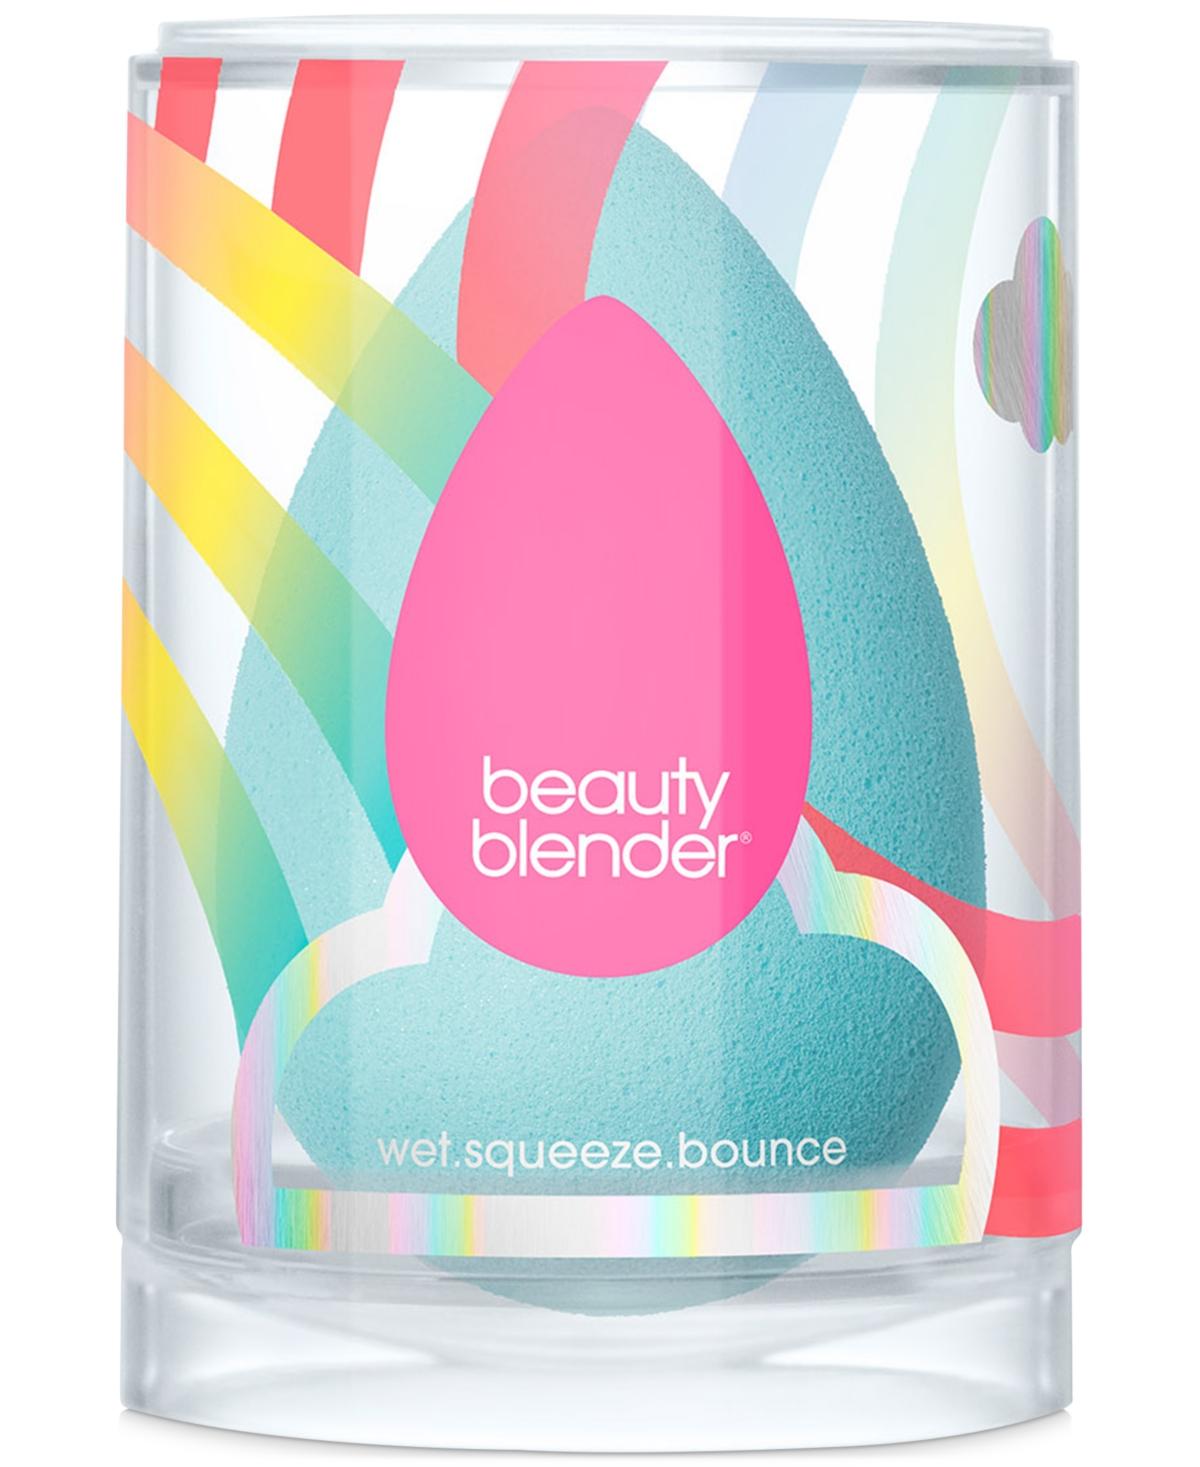 beautyblender Aquamarine Blender